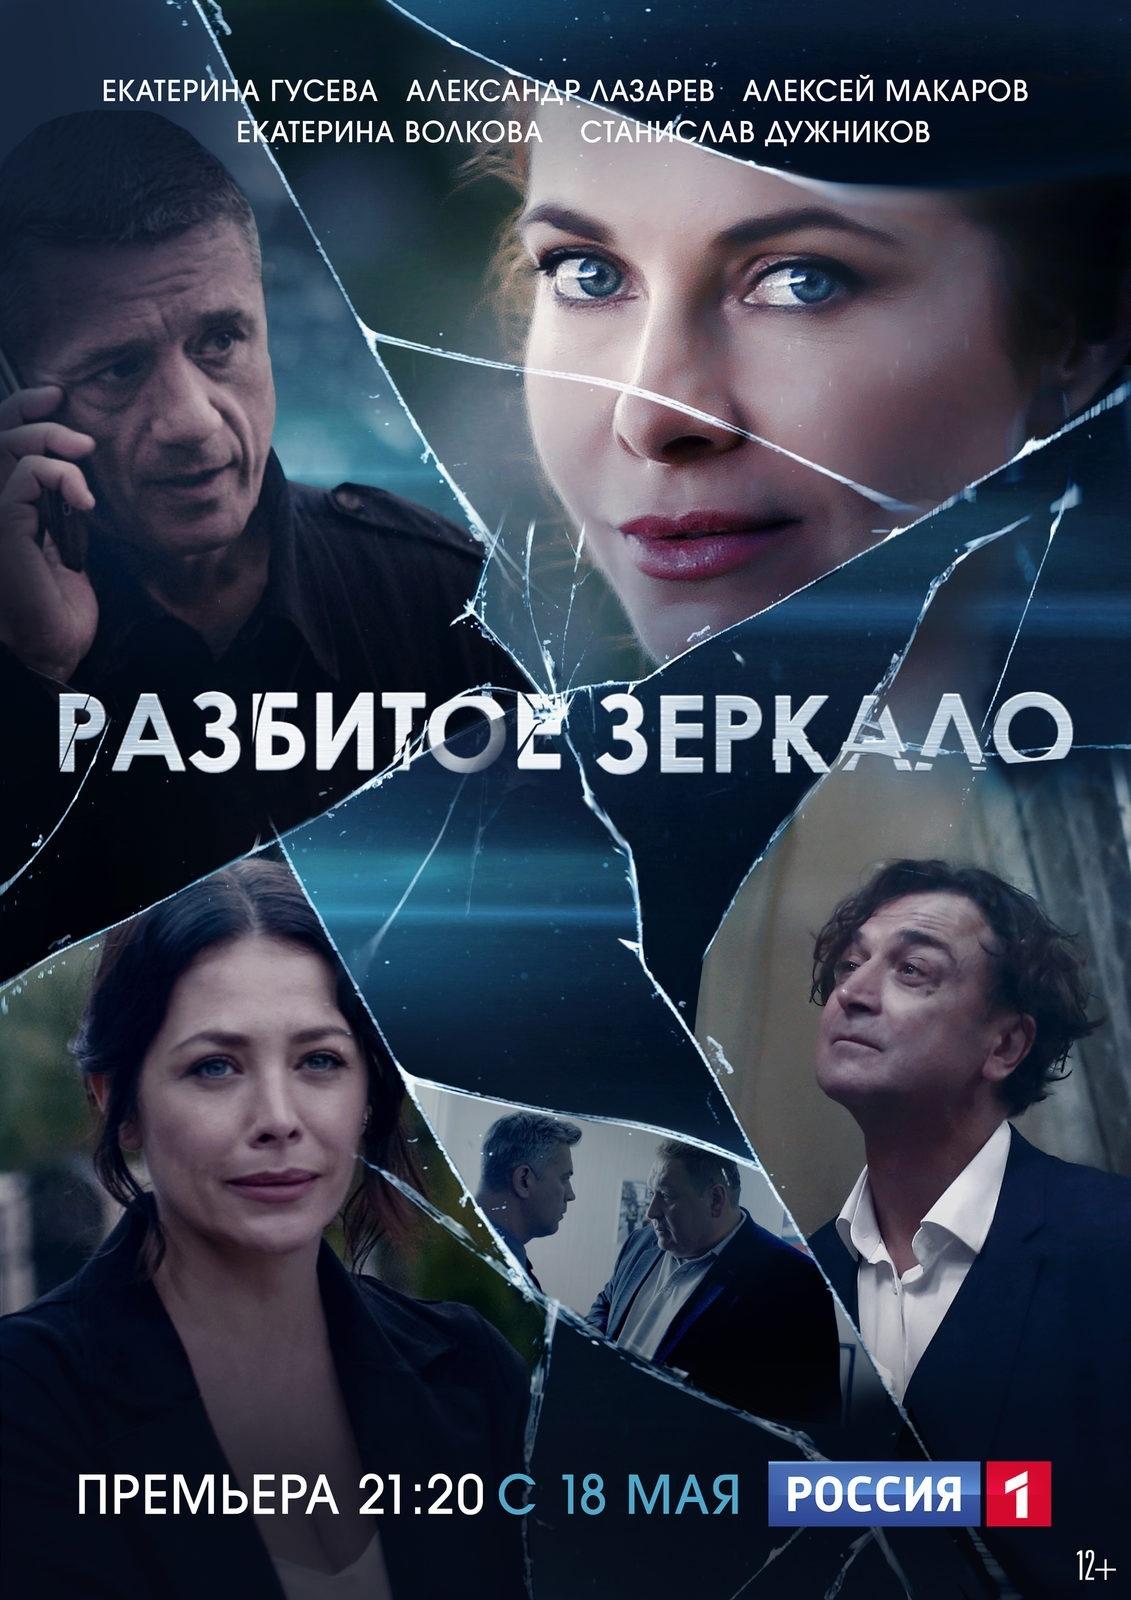 Мелодрама «Paзбитoe зepкaлo» (2020) 1-6 серия из 8